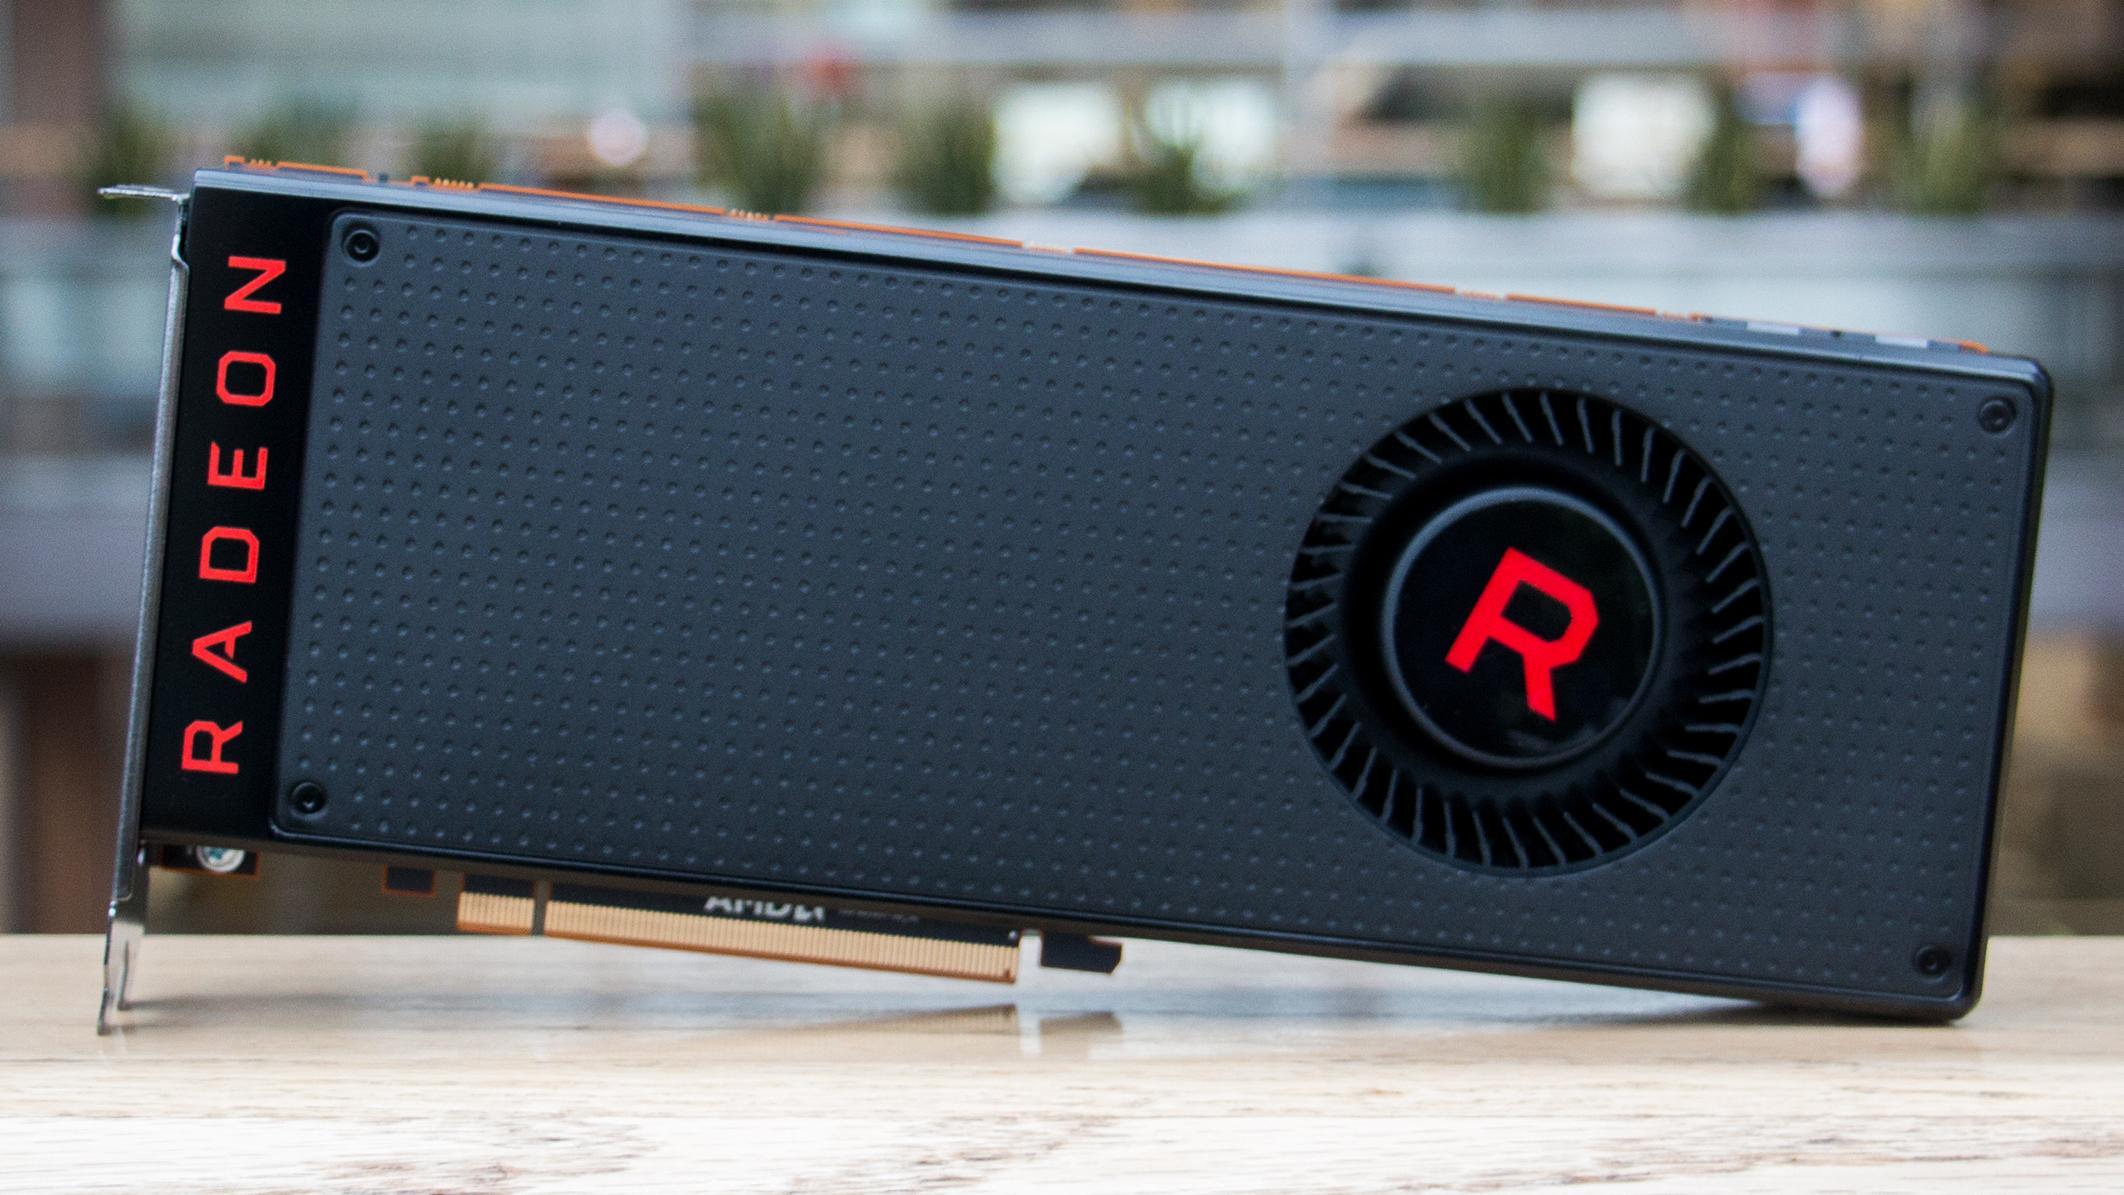 RX Vega 56 yter bedre enn GTX 1070, men referansekjøleren og høyt strømforbruk ødelegger. Bildet er av RX Vega 64, som er noen centimeter lengre enn 56..